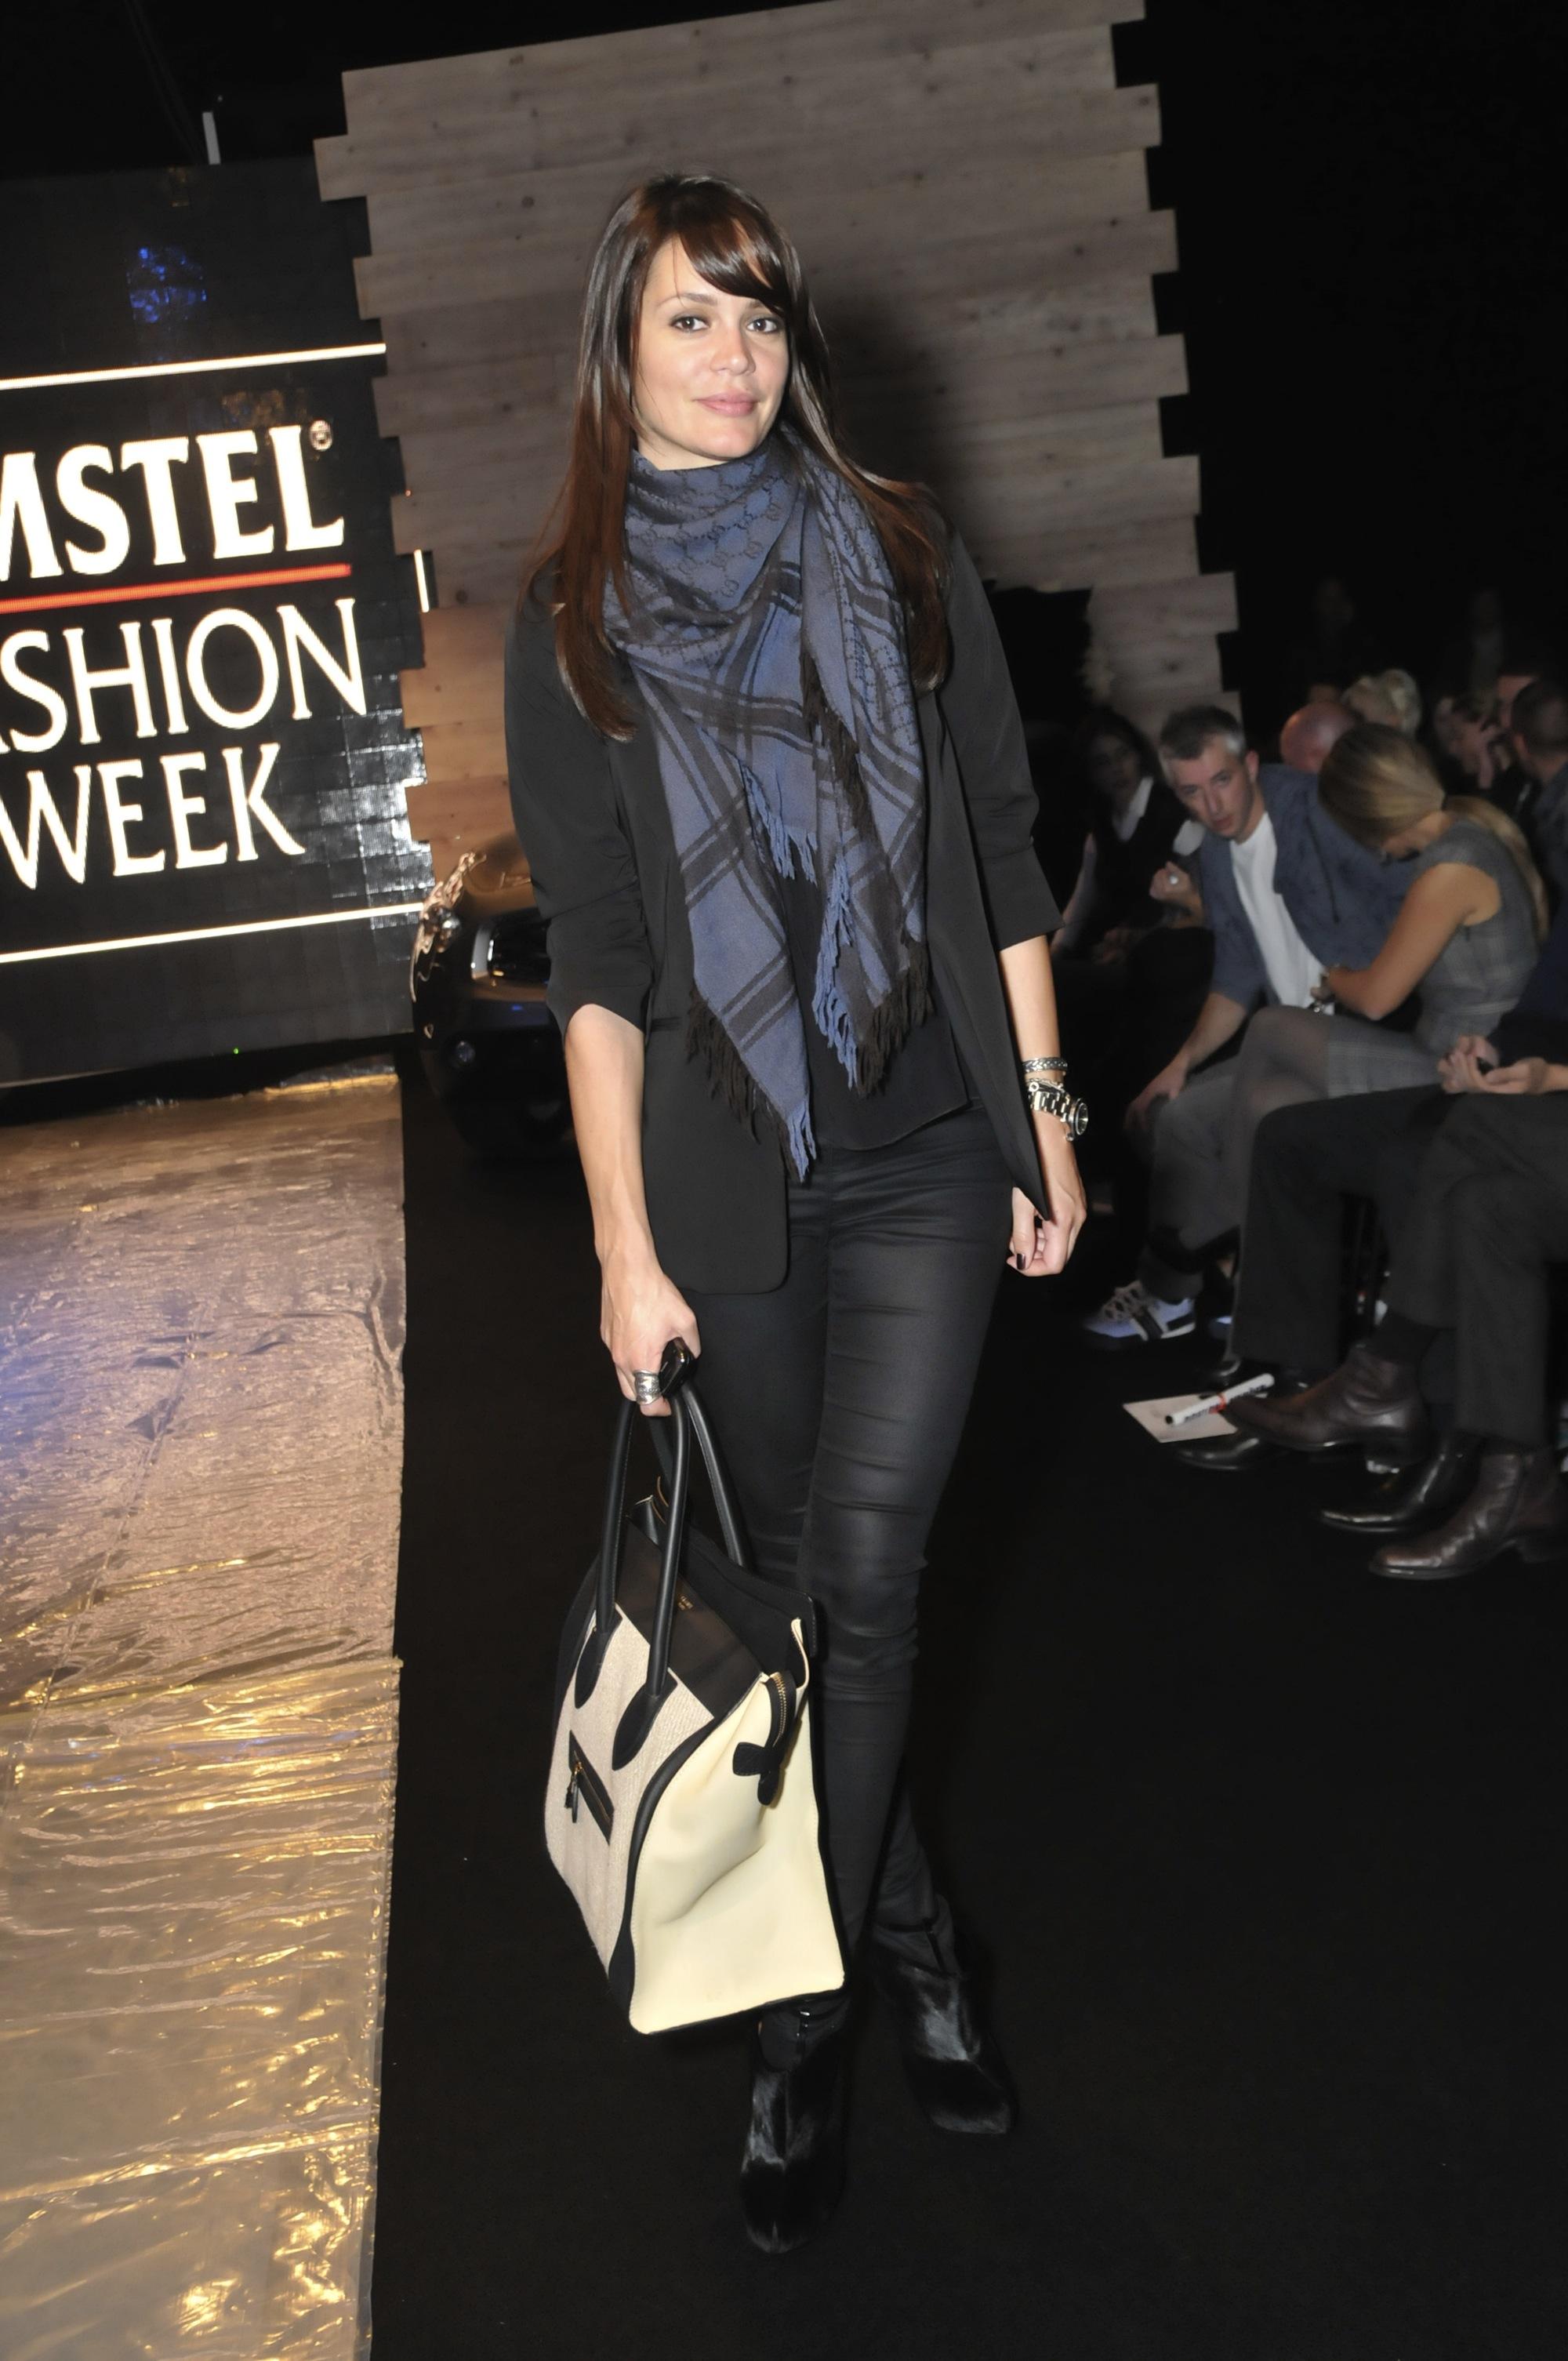 ivana kukric Peto veče 30.Amstel Fashion Week a